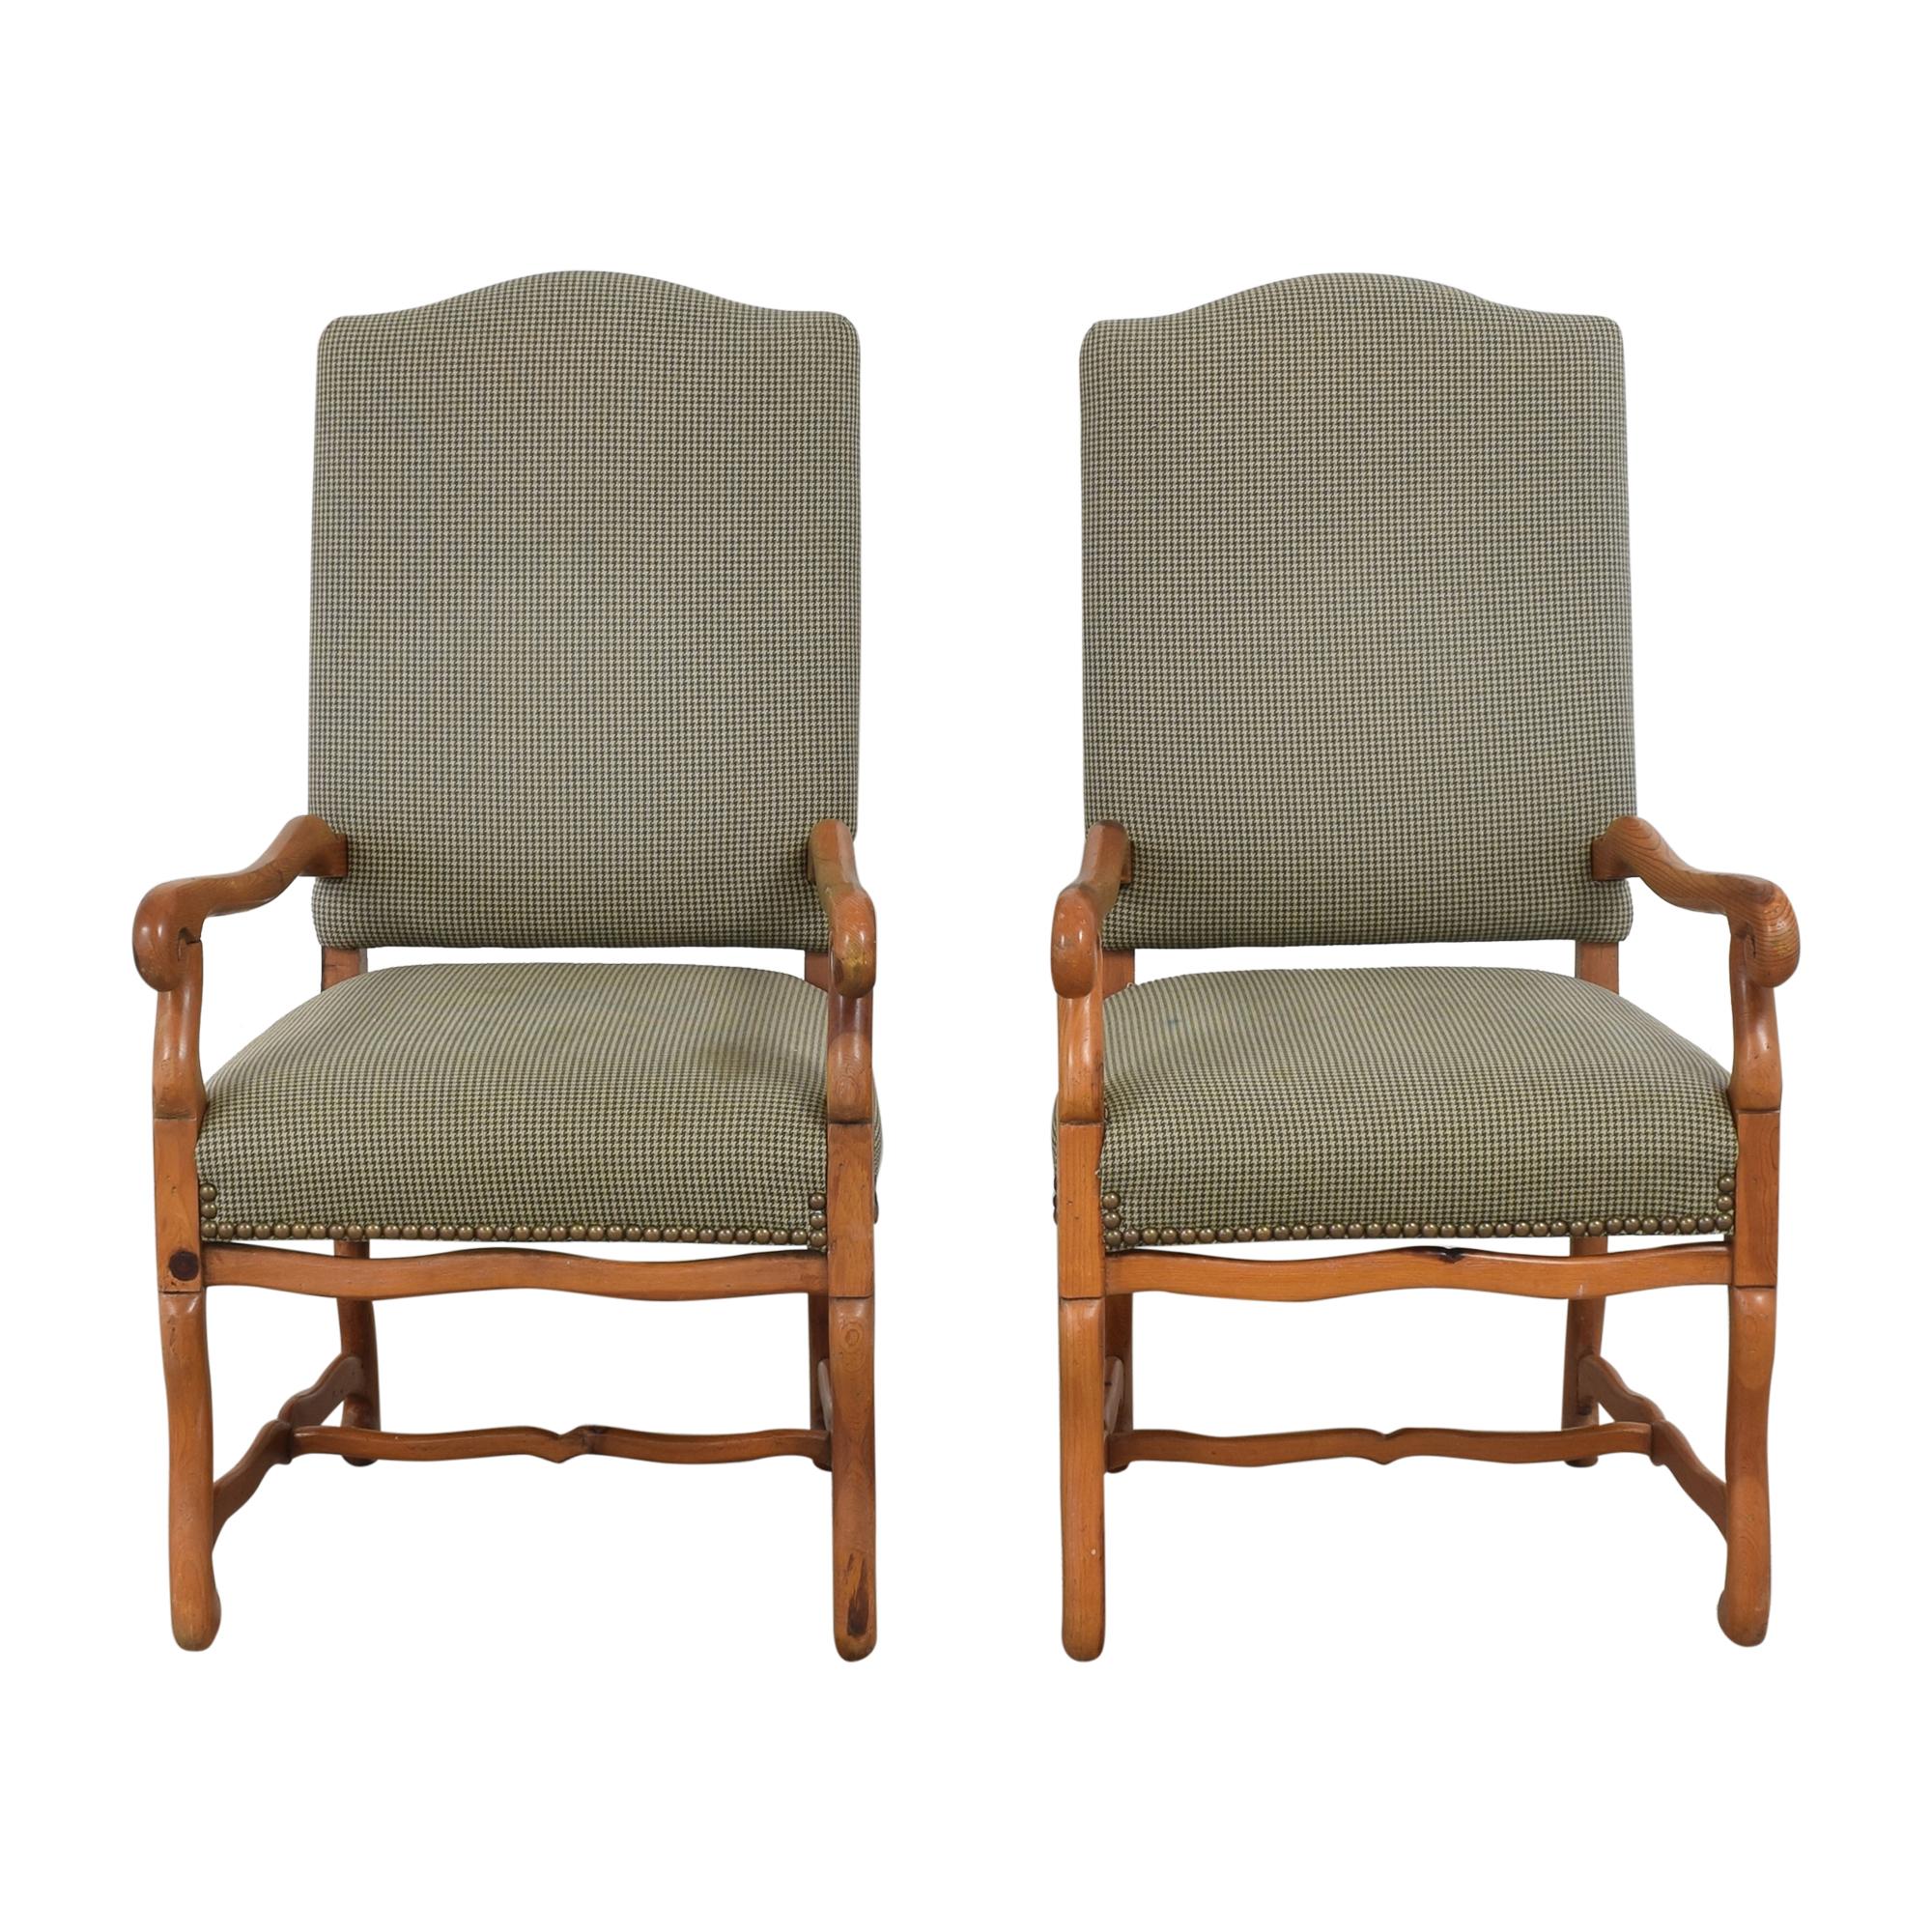 Ralph Lauren Home Ralph Lauren Home Os De Mouton Style Arm Chairs  green & brown